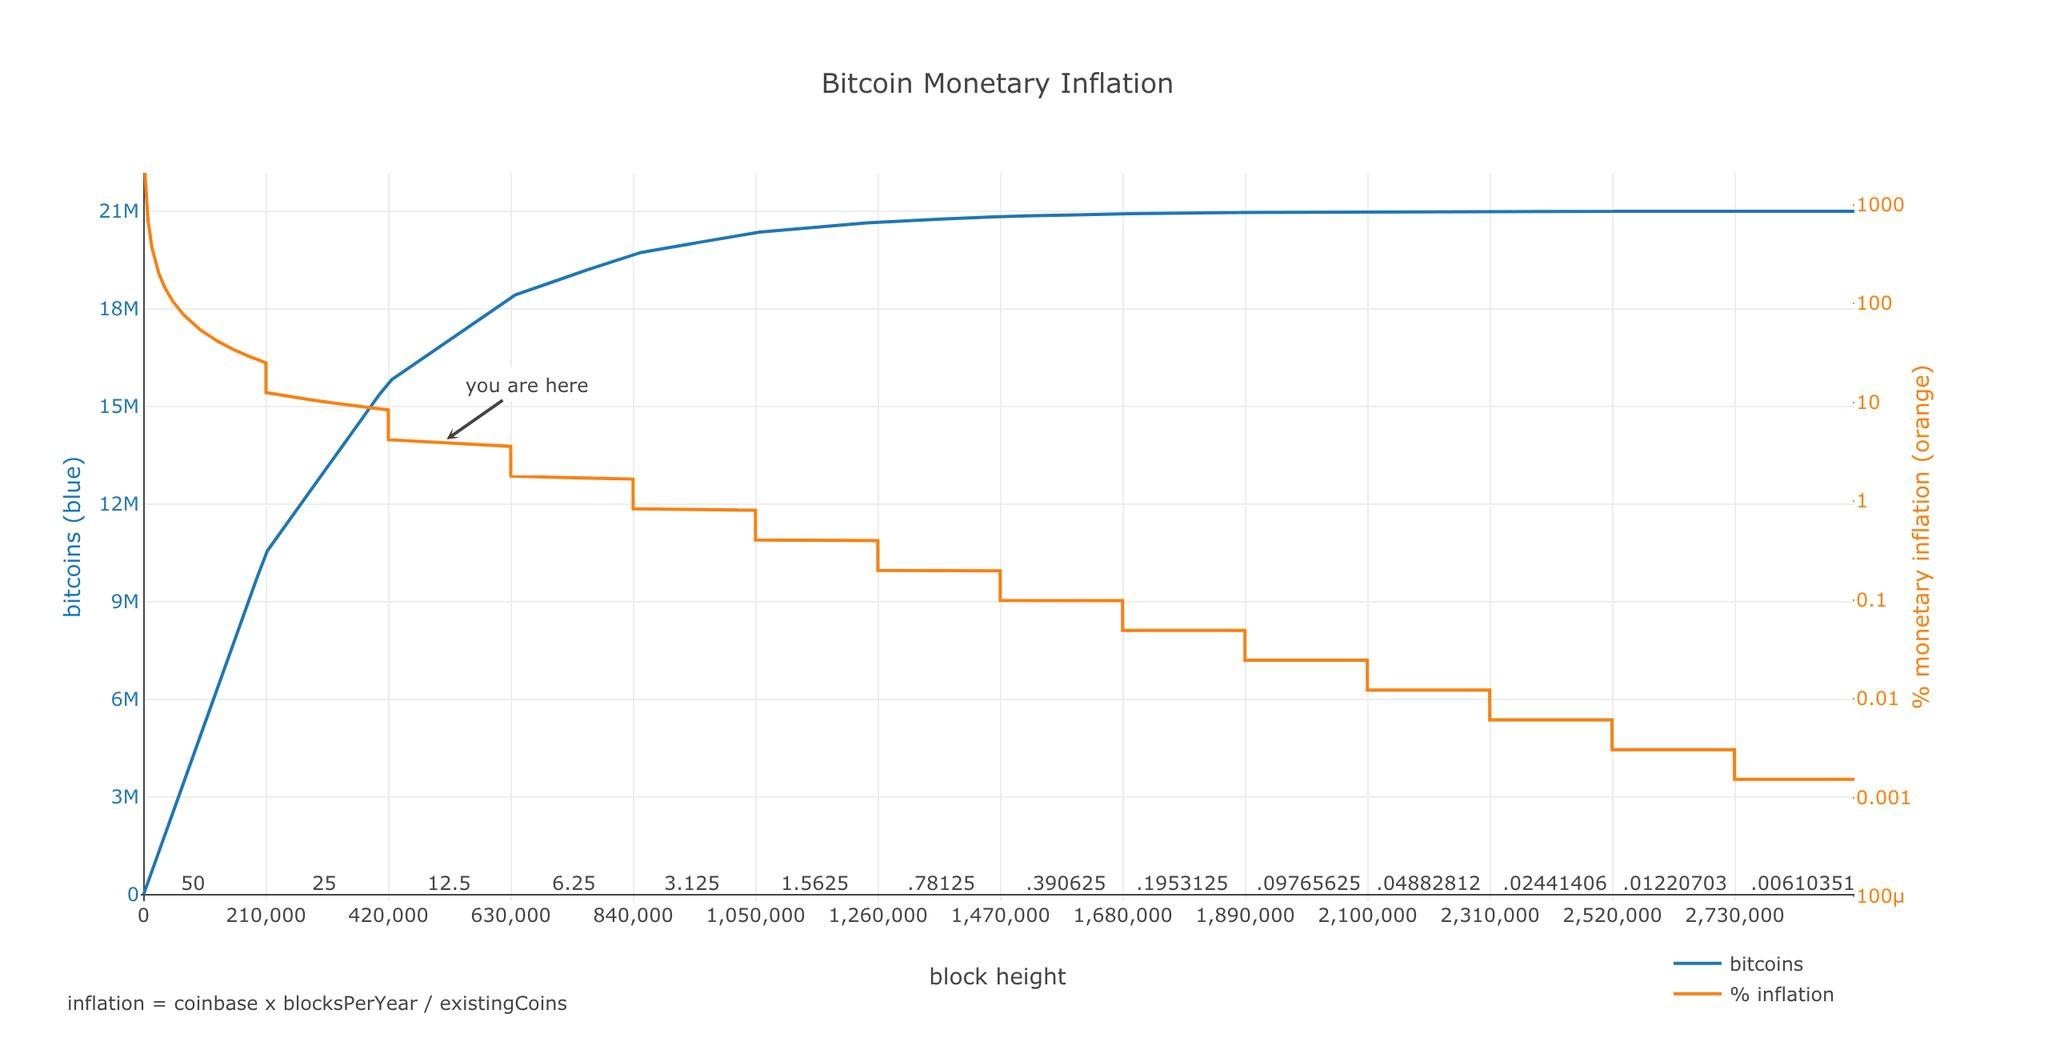 Bitcoin Monetary Inflation